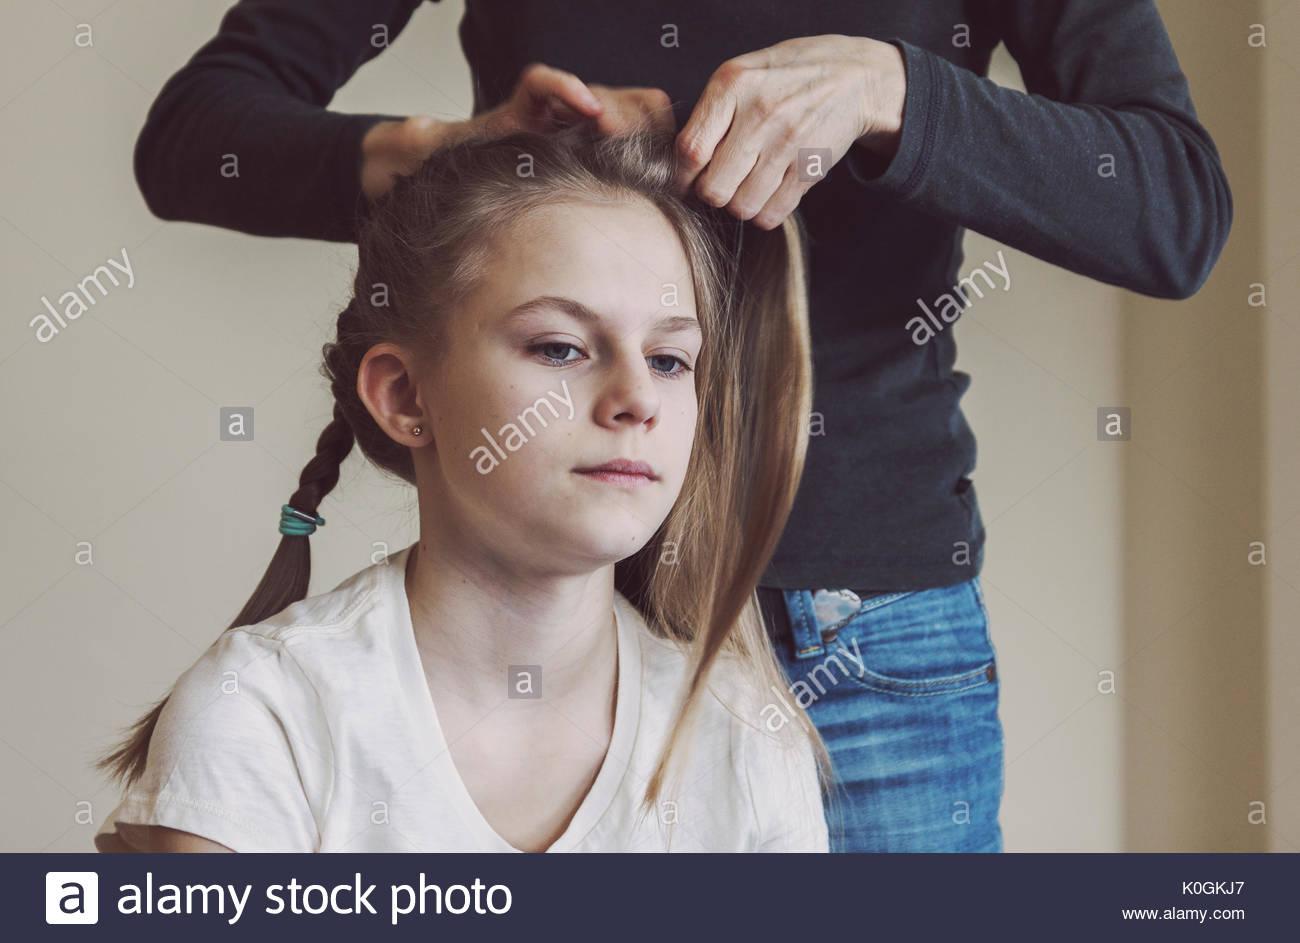 Madre niñas trenzado del cabello. Fotografía de retrato de la vida real de caucásico jovencita con deliberada filtro Foto de stock